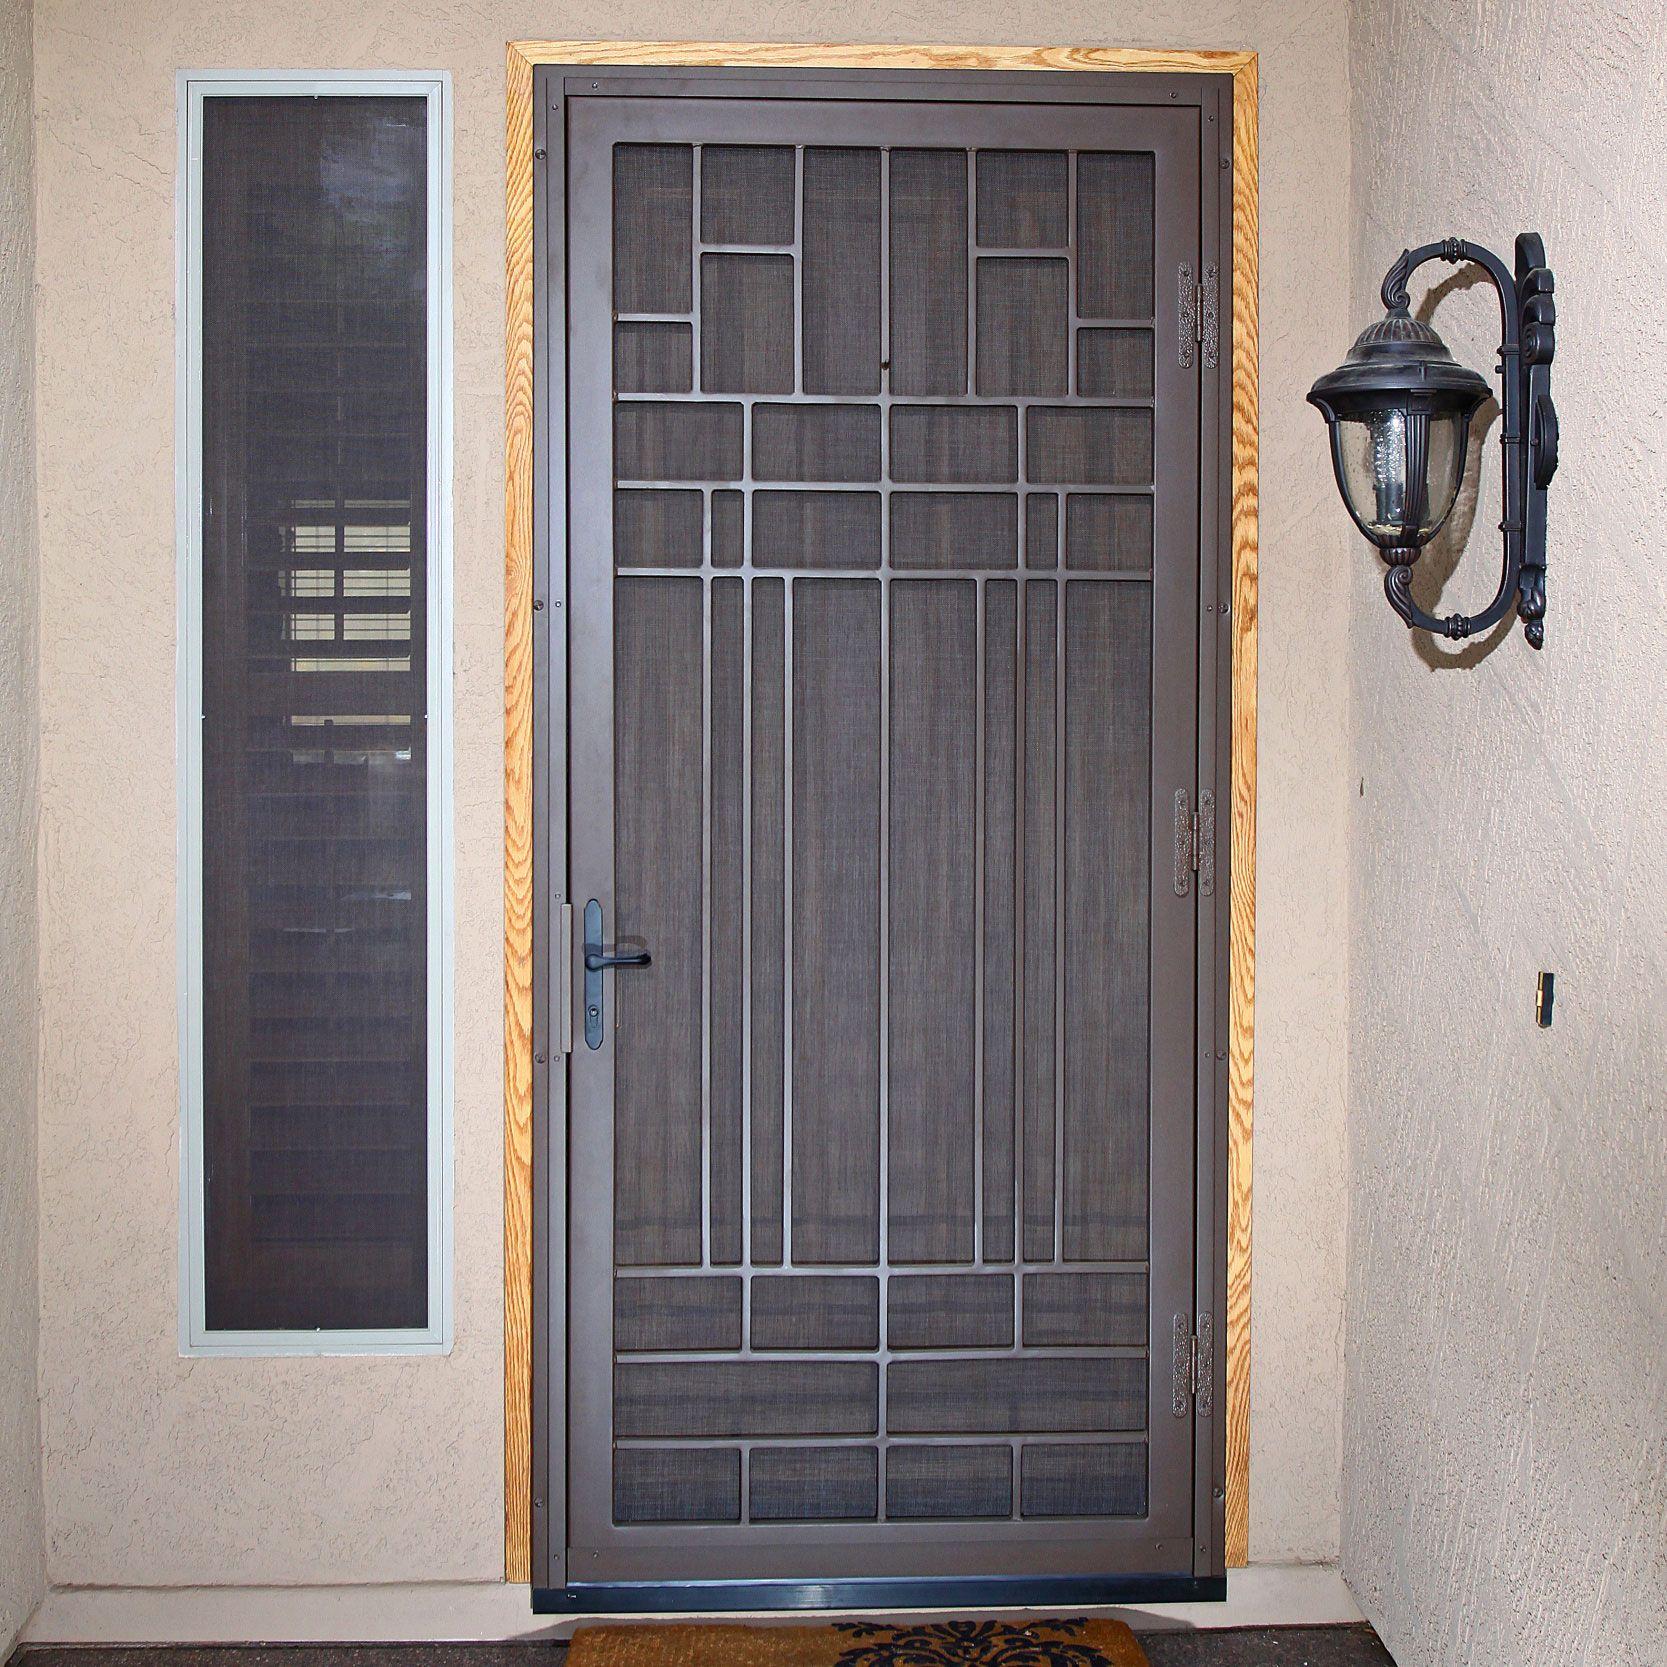 Penasco Security Screen Door Modelos De Puertas Modelos De